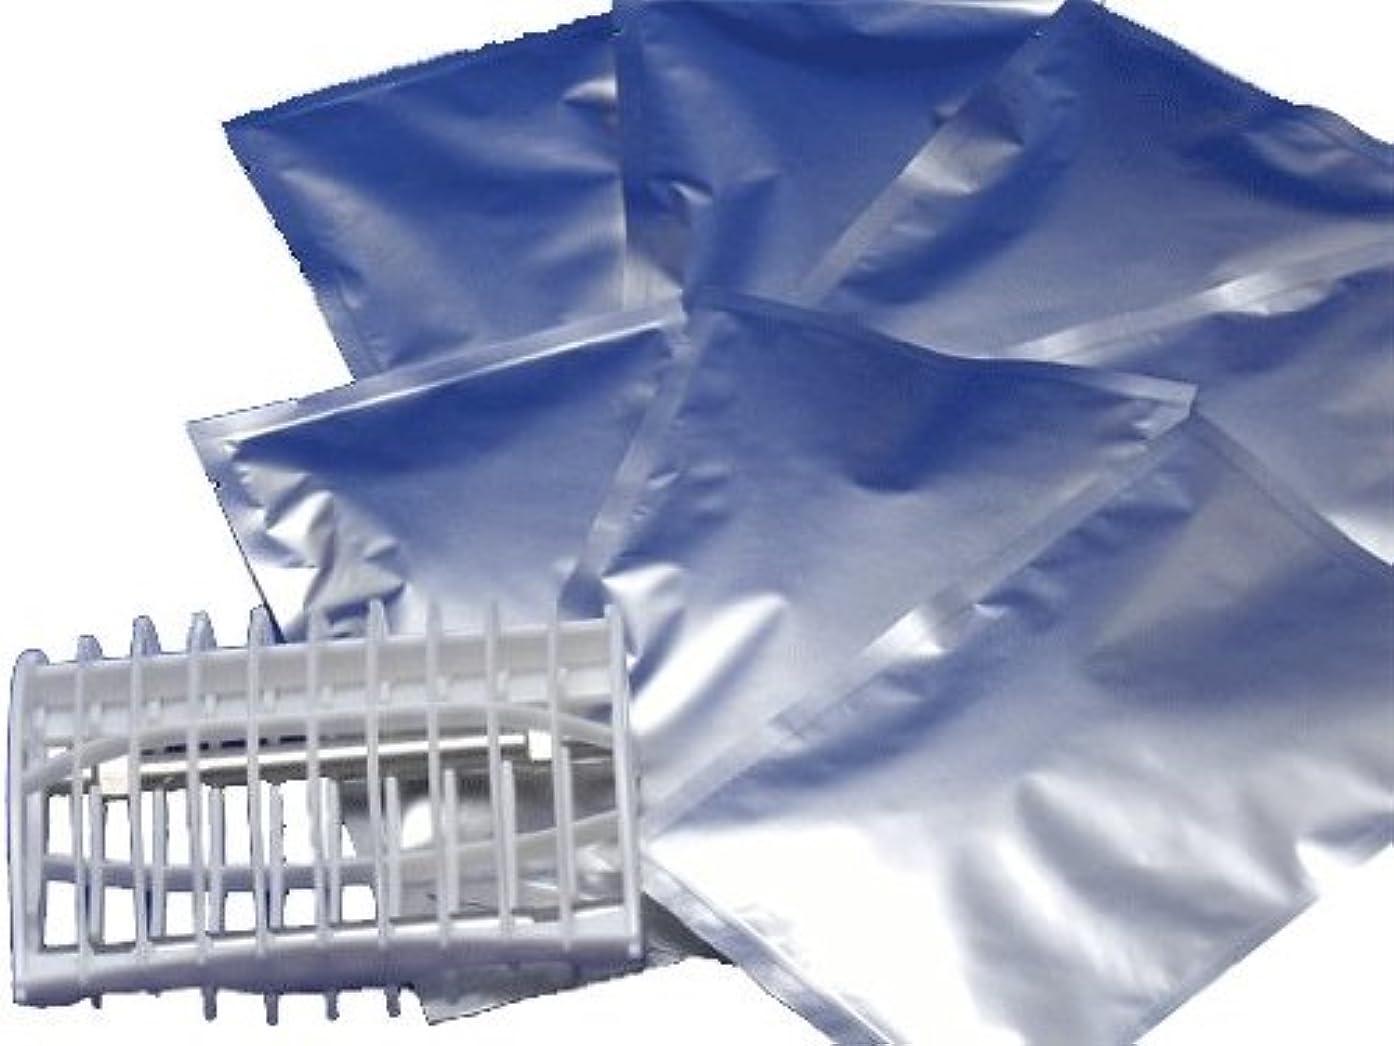 十分敬揃えるトルマリン水素 ハイドロゲンバブルバス 7個 専用ケース付 水素風呂